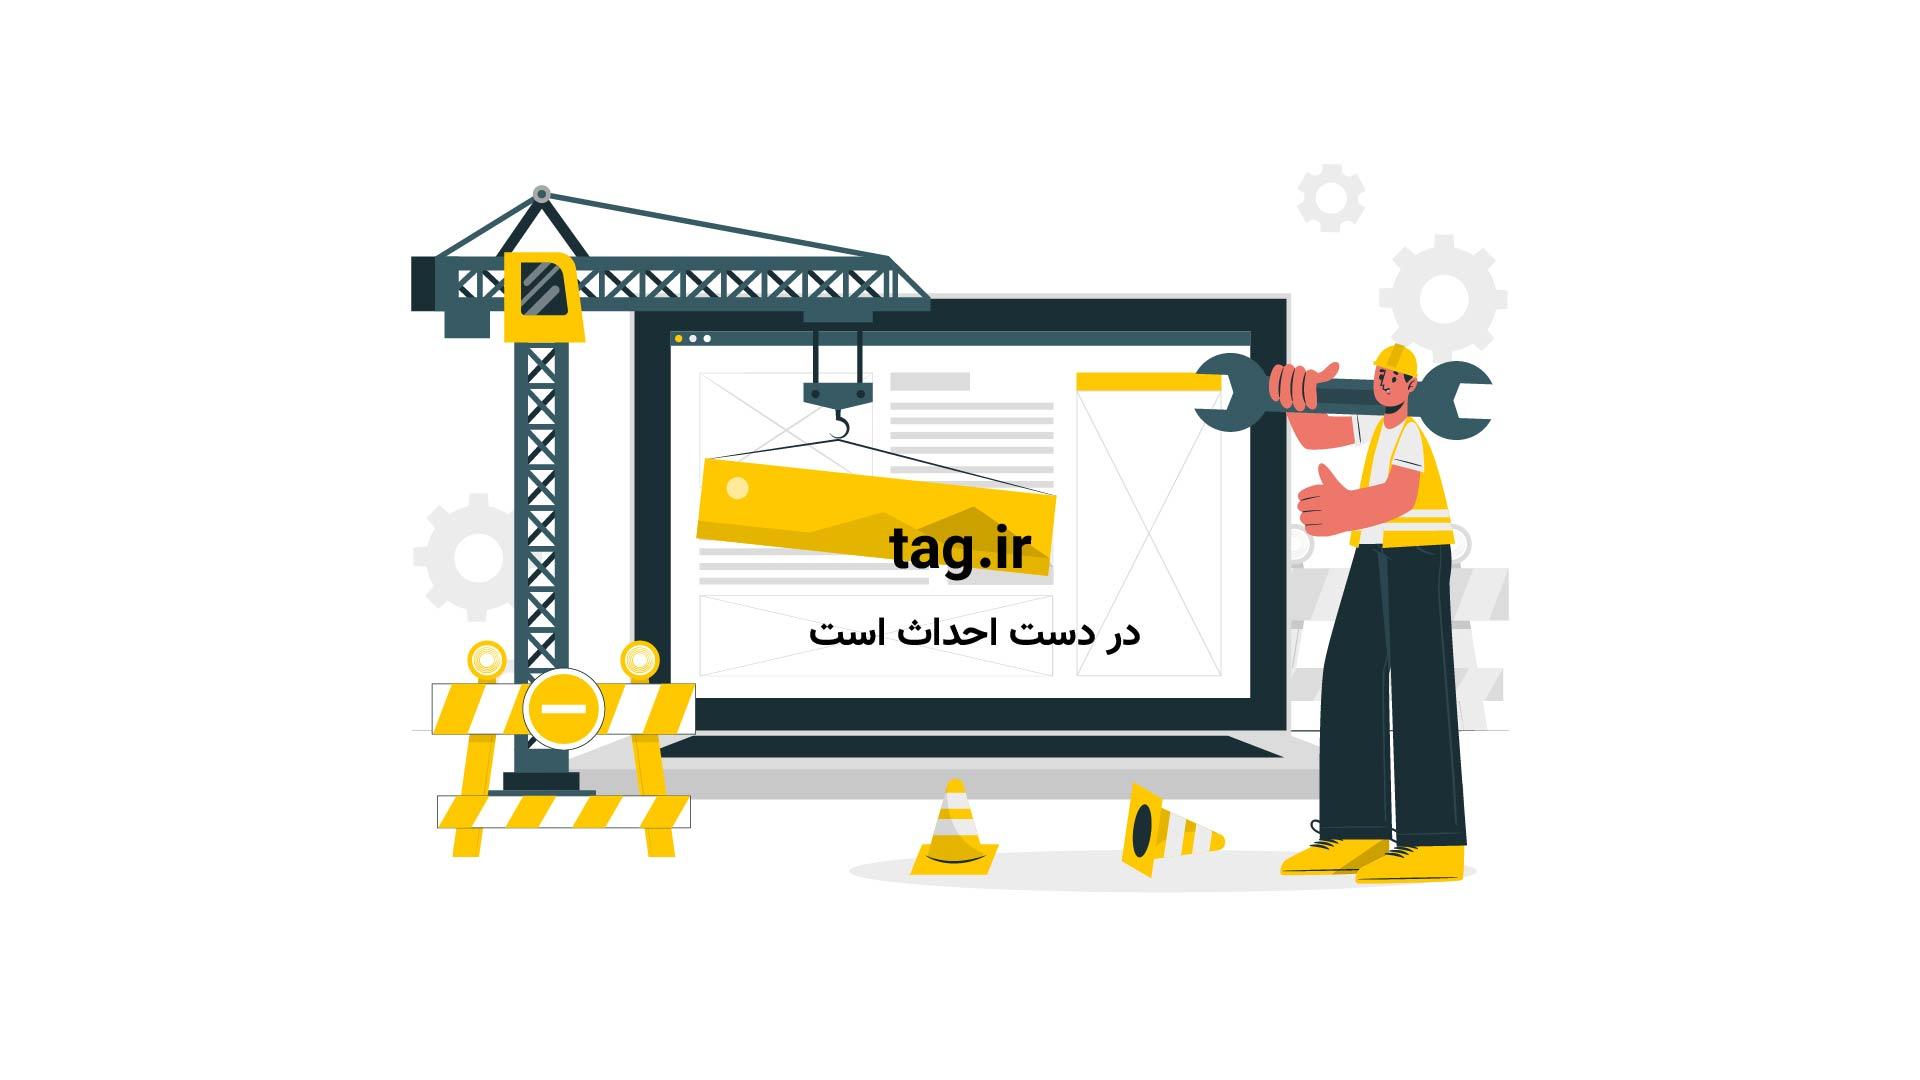 برنامه کاربردی موبایل برای جلوگیری از چرت زدن پس از بیدار شدن از خواب | فیلم